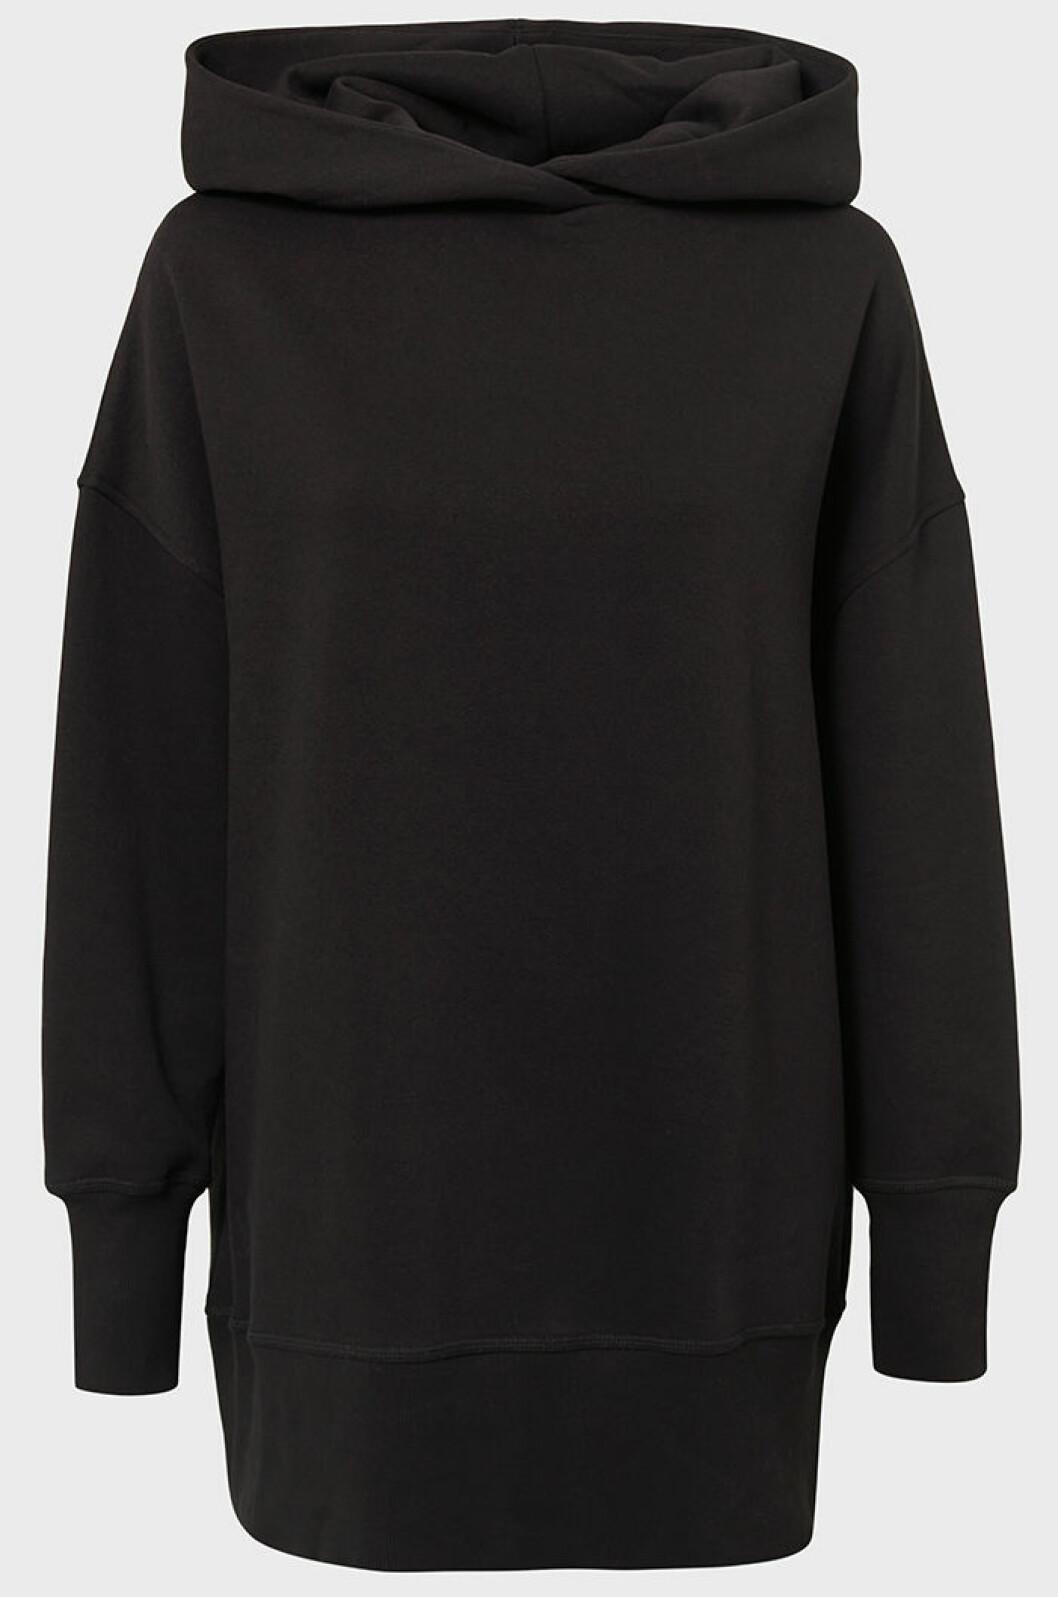 svart-hoodie-biancaxnelly